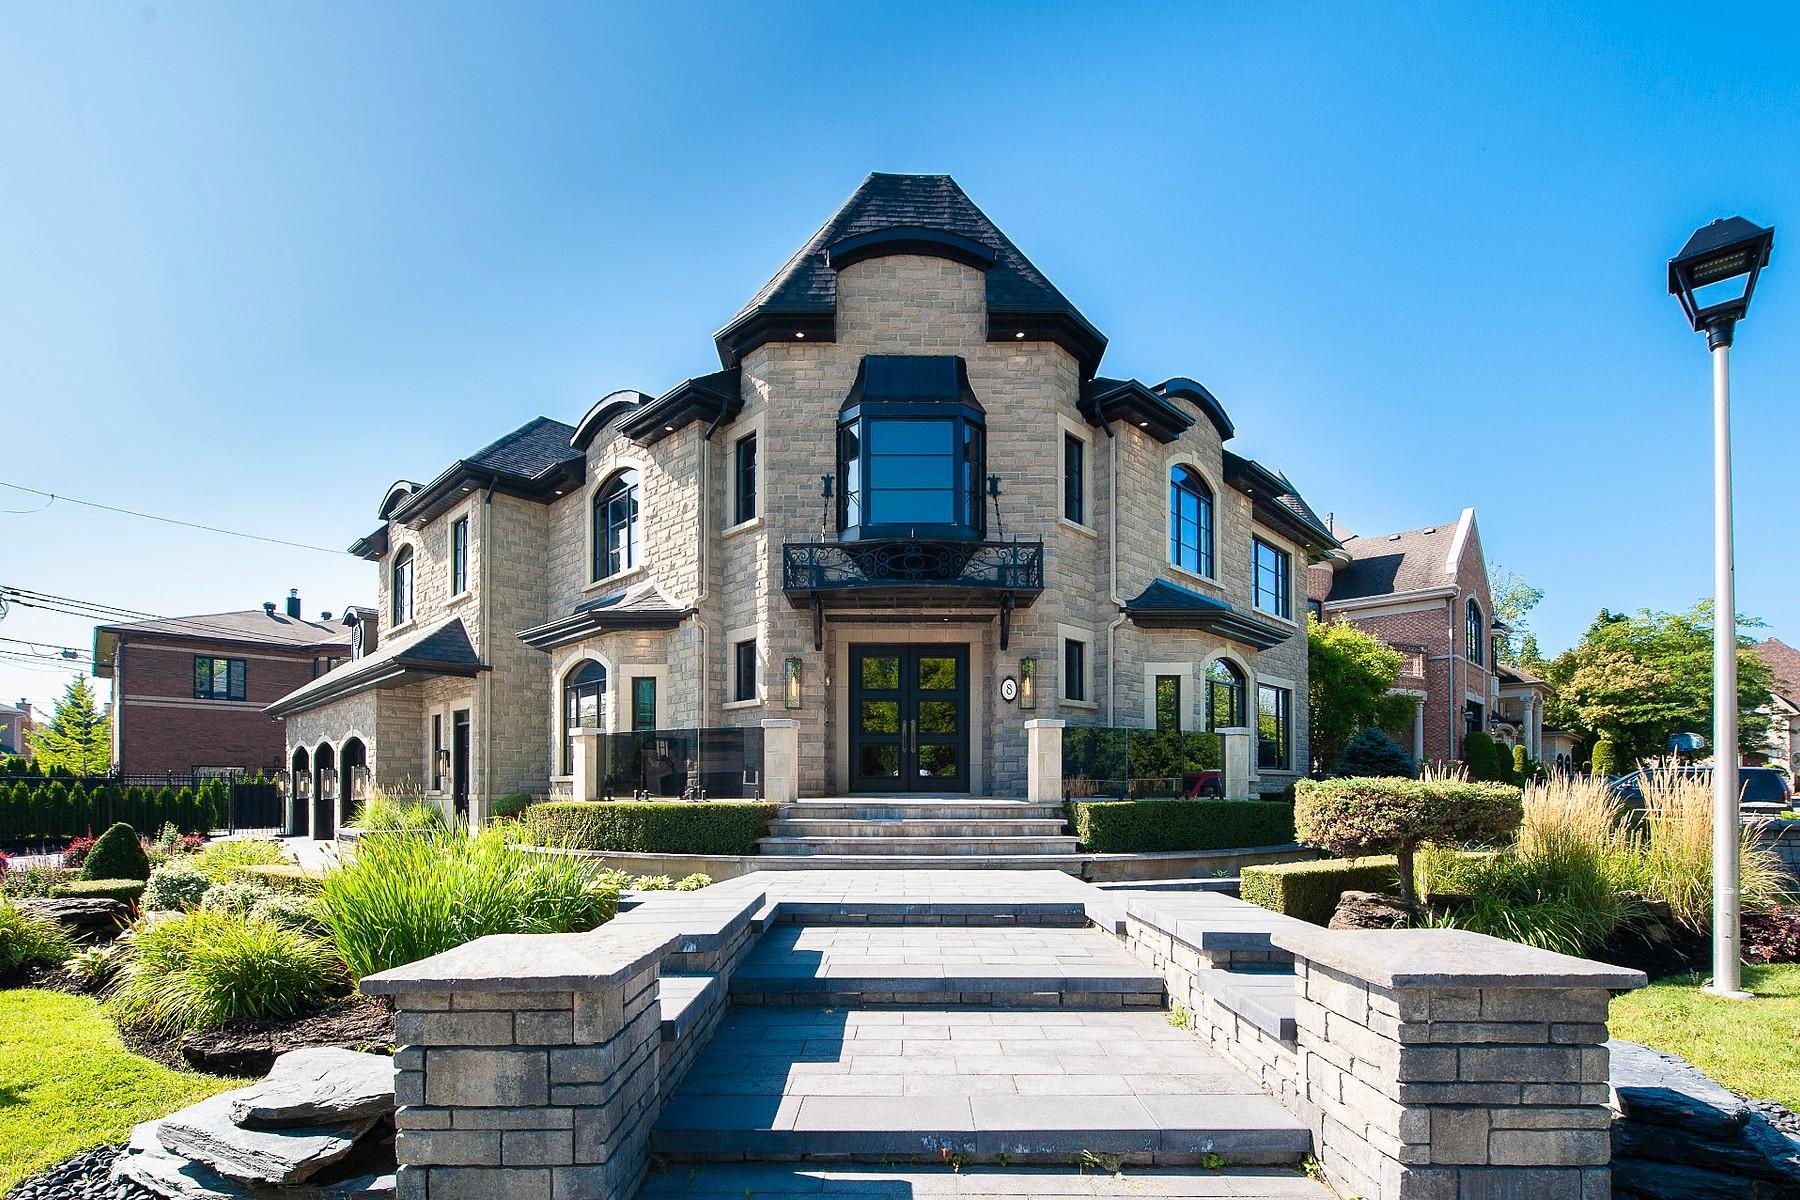 Single Family Homes for Sale at Dollard-Des Ormeaux, Montréal 8 Place Northview Dollard-Des-Ormeaux, Quebec H9B3K8 Canada